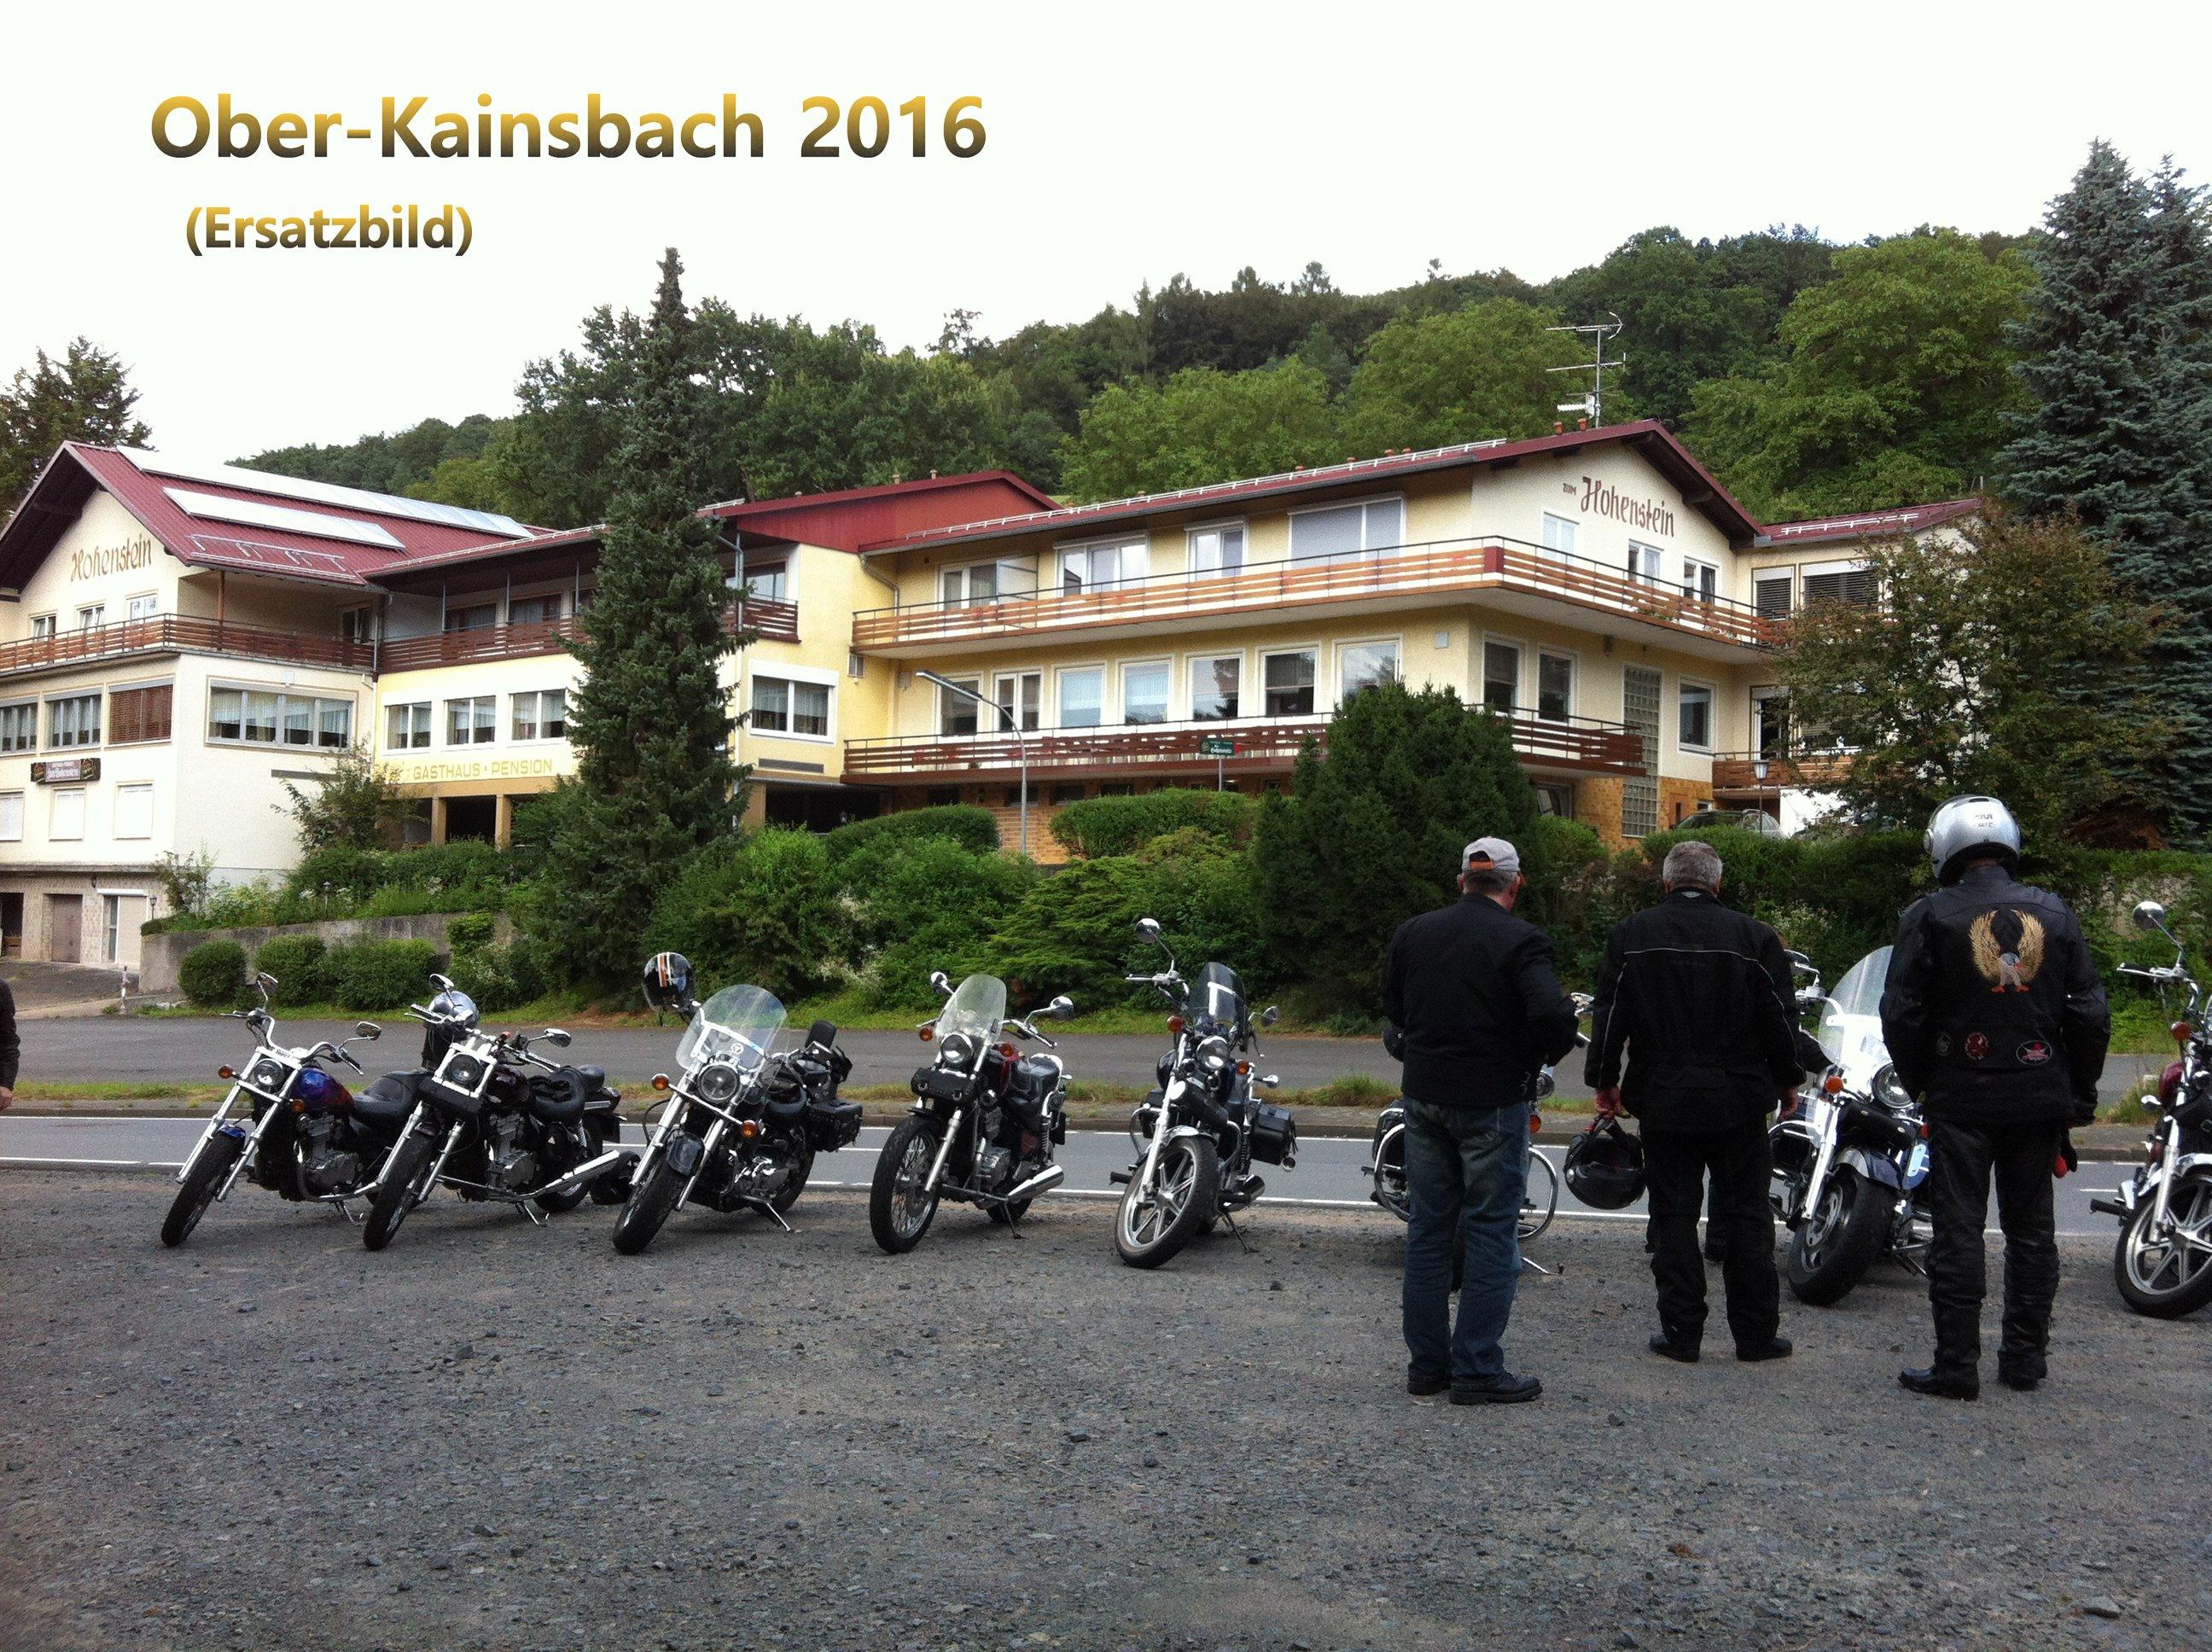 Ober-Kainsbach2016.jpg